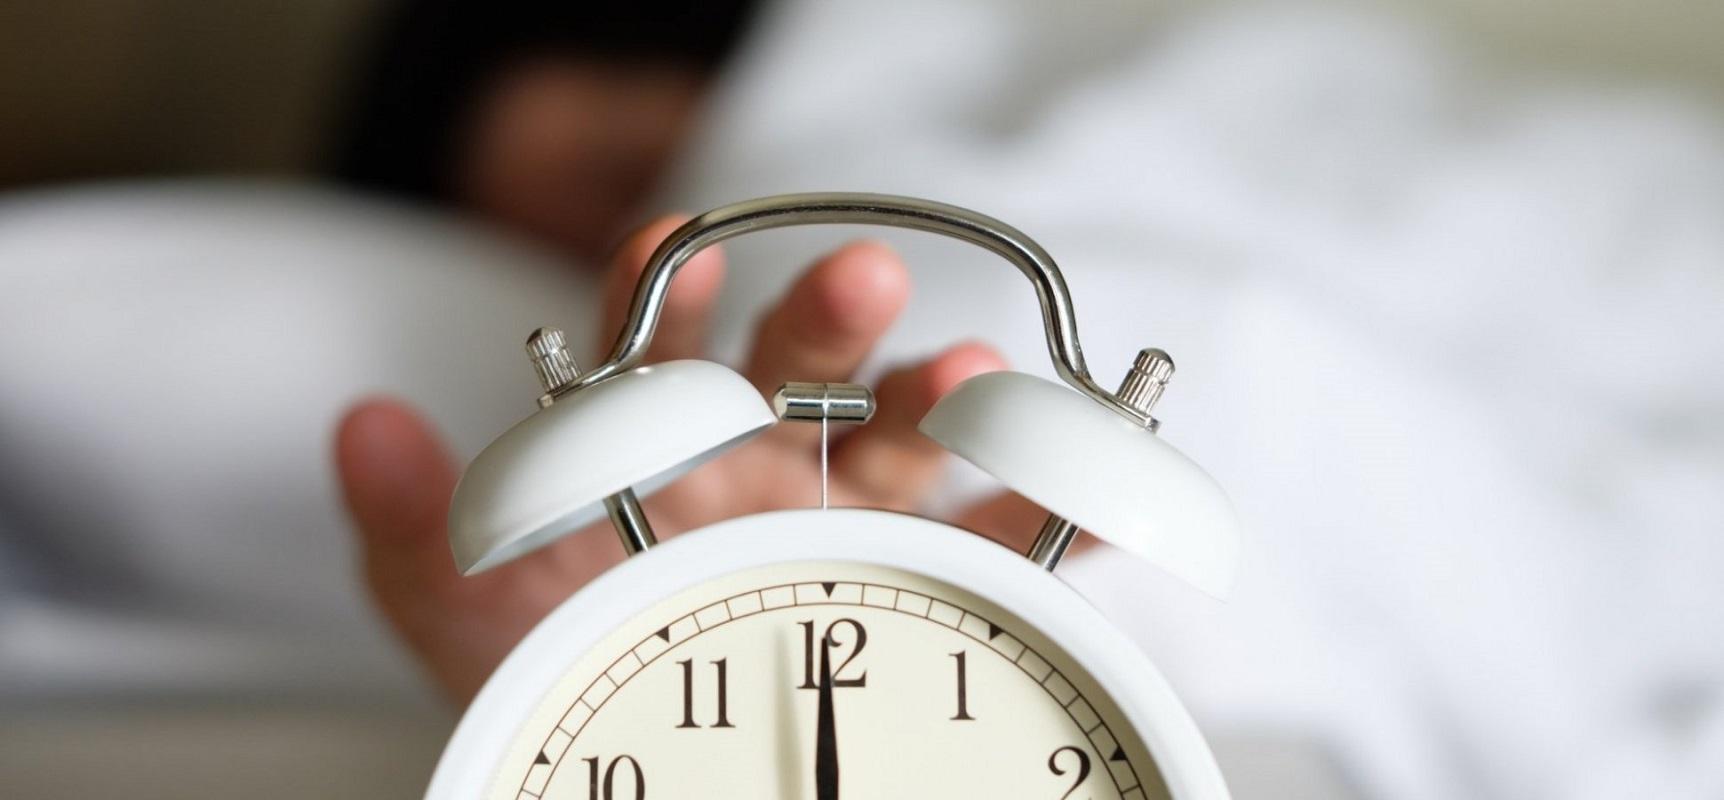 سکوت در مقابل سر و صدا: کدام یک به شما کمک می کند تا بهتر بخوابید؟